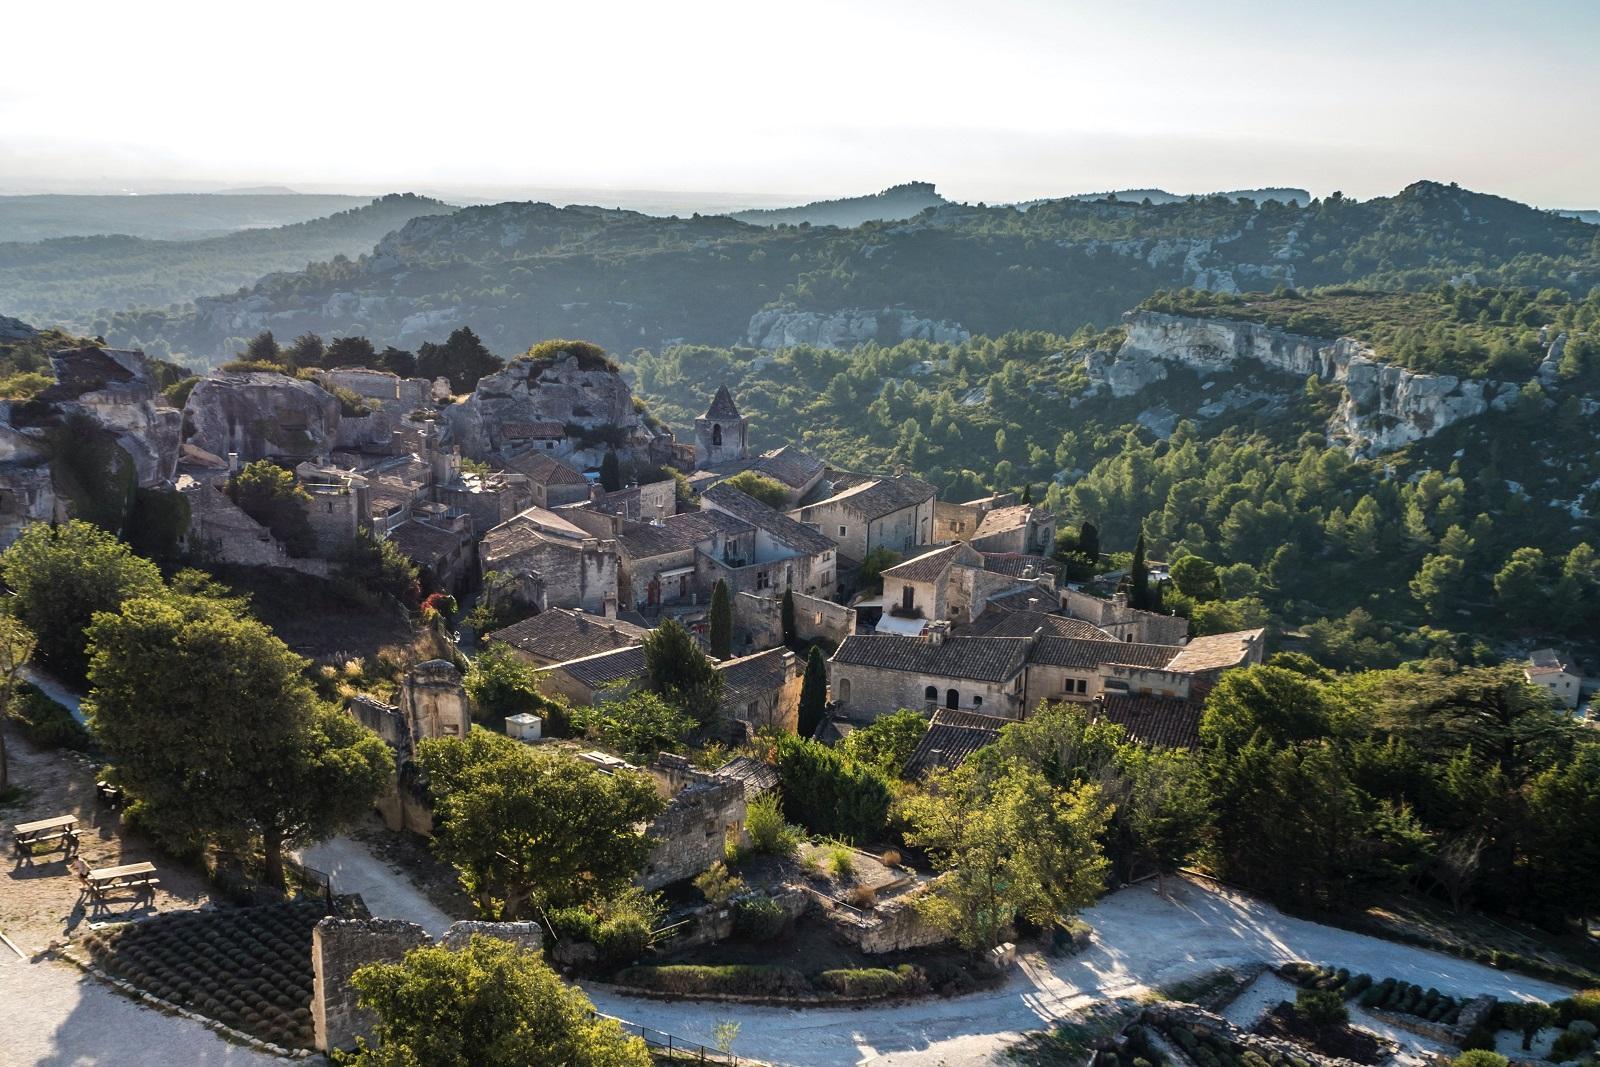 letoile-des-baux-iconic-house-baux-de-provence-alpilles-village-bouches-du-rhone-seminaires-de-caractere